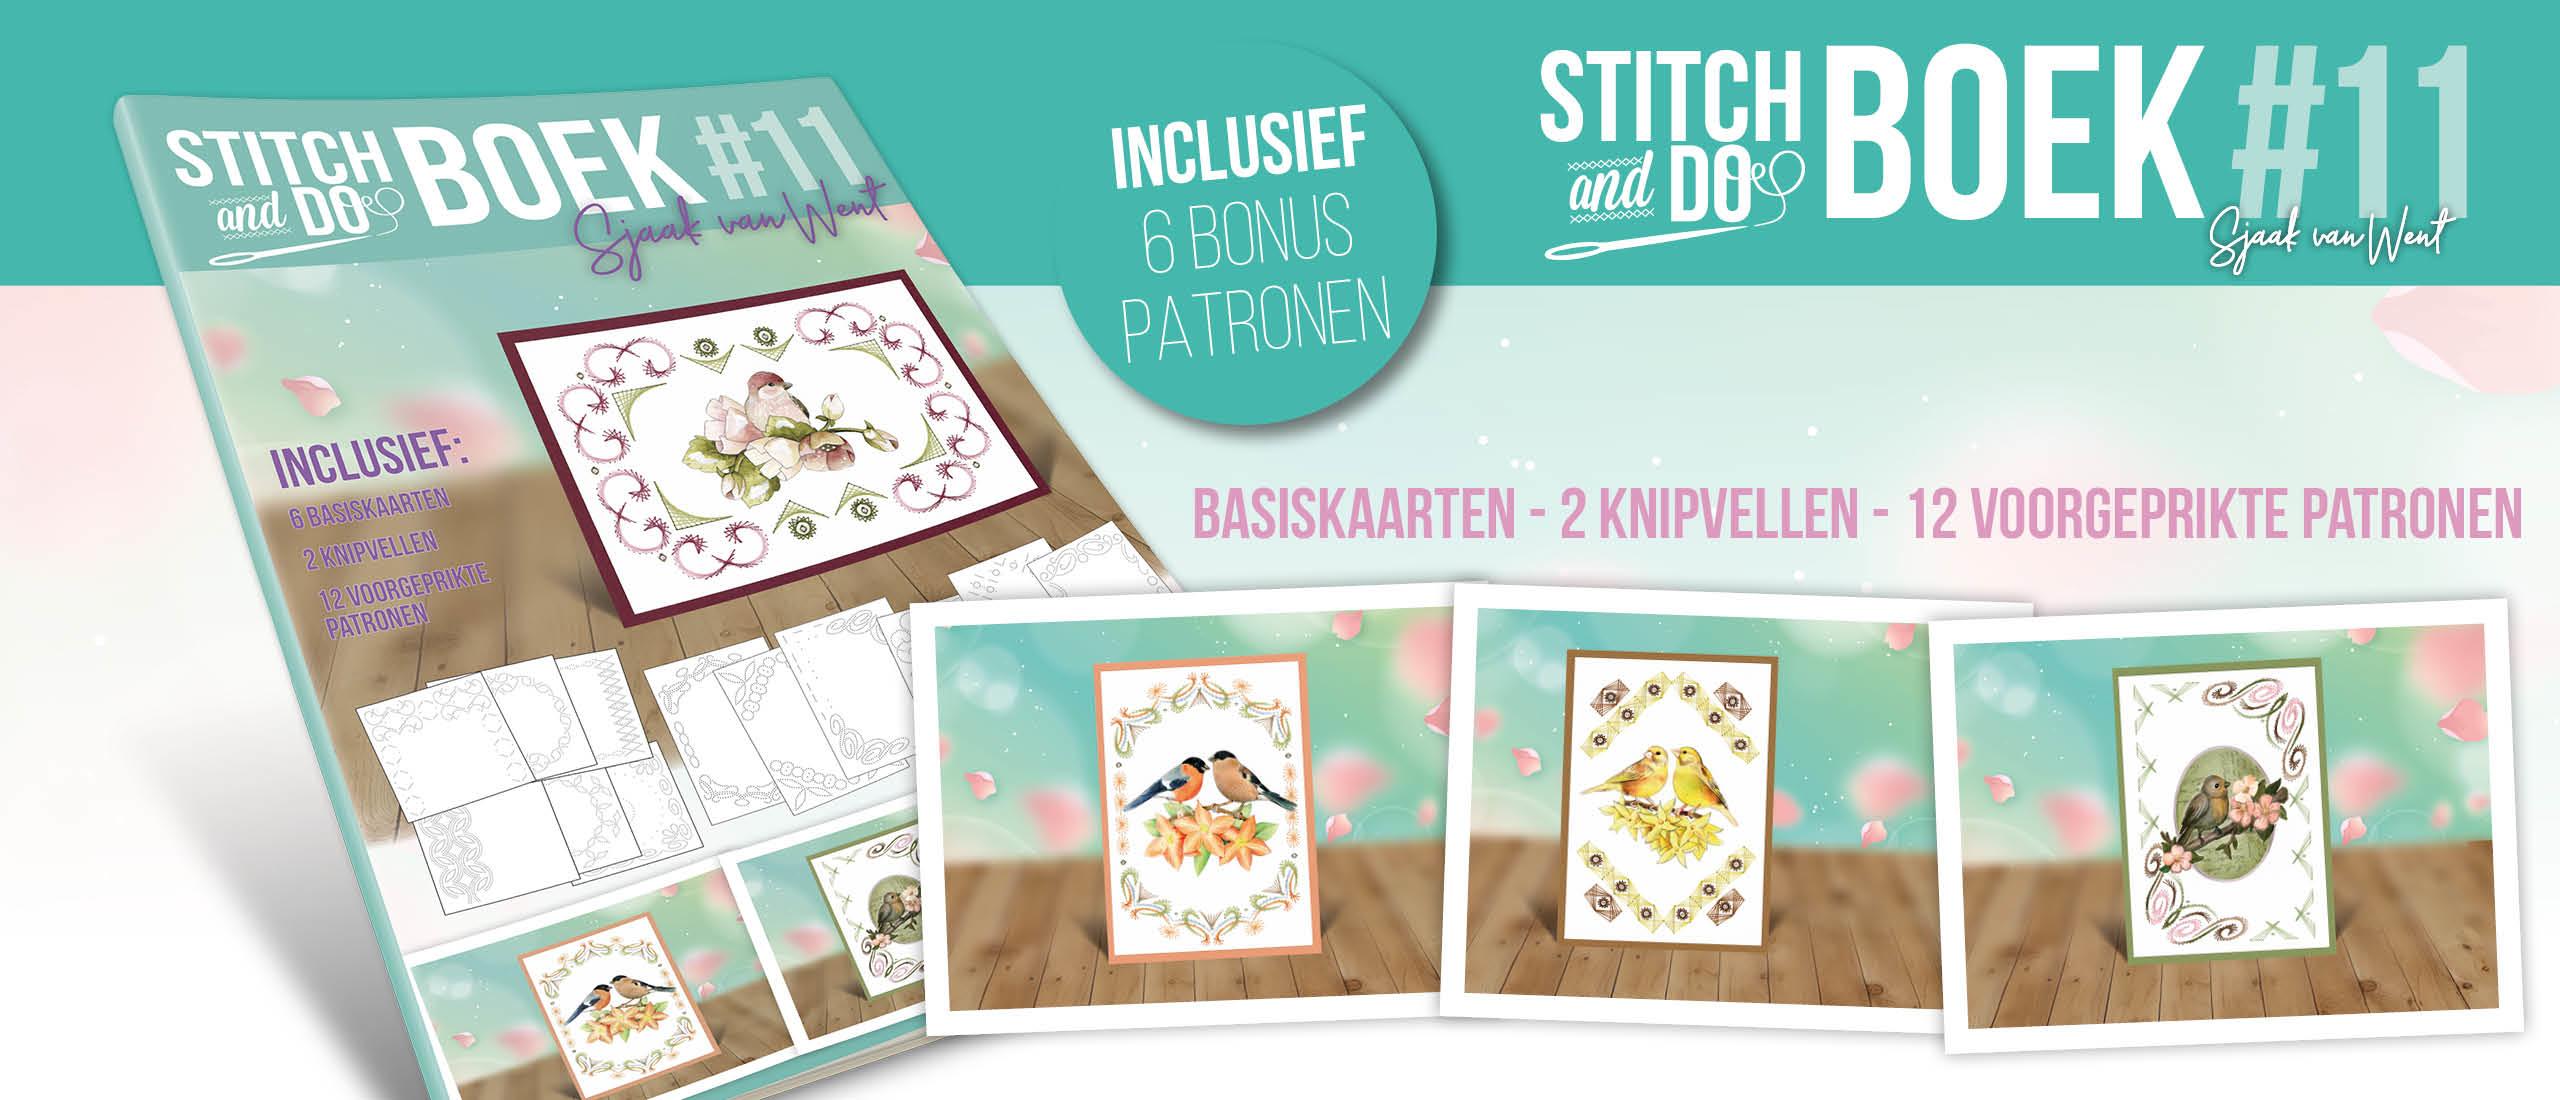 Stitch and Do boek 11